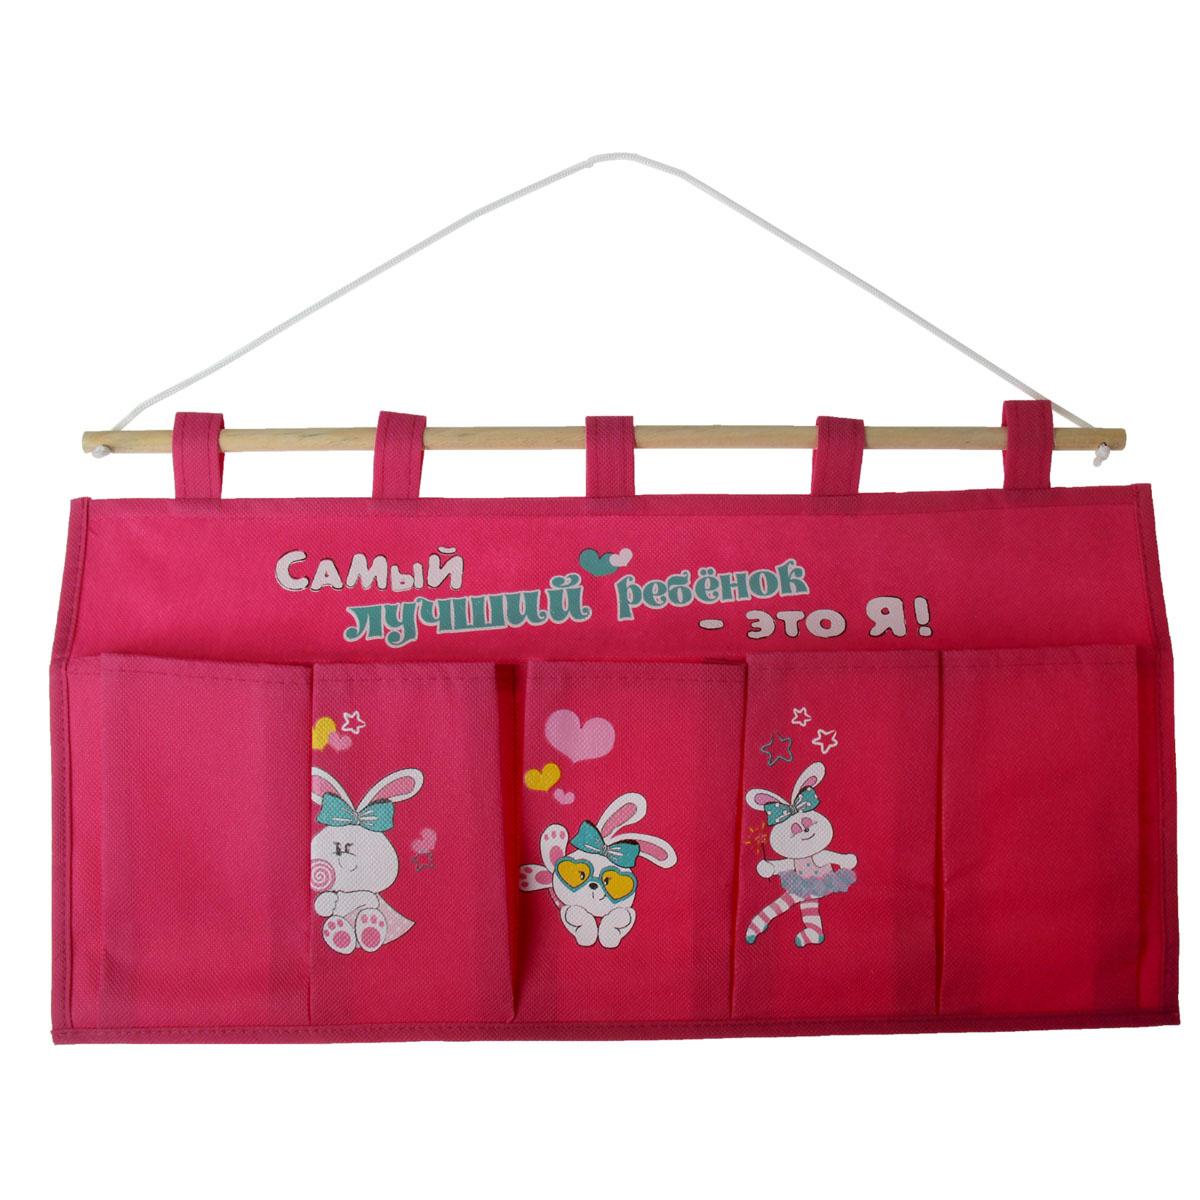 Кармашки на стену Sima-land Самый лучший ребенок, цвет: розовый, 5 шт838303Кармашки на стену «Самый лучший ребенок» предназначены для хранения необходимых вещей, множества мелочей в гардеробной, ванной, детской комнатах. Изделие выполнено из текстиля и представляет собой 5 сшитых между собой кармашков на ткани, которые, благодаря 5 петелькам, куда просовывается деревянная палочка на веревке, можно повесить в необходимом для вас и вашего ребенка месте. На кармашках имеются изображения в виде трех забавных зайцев и надпись «Самый лучший ребенок - это я!». Этот нужный предмет может стать одновременно и декоративным элементом комнаты. Яркий текстиль, как ничто иное, способен оживить интерьер вашего жилища и сделает каждый день ярче и радостнее.